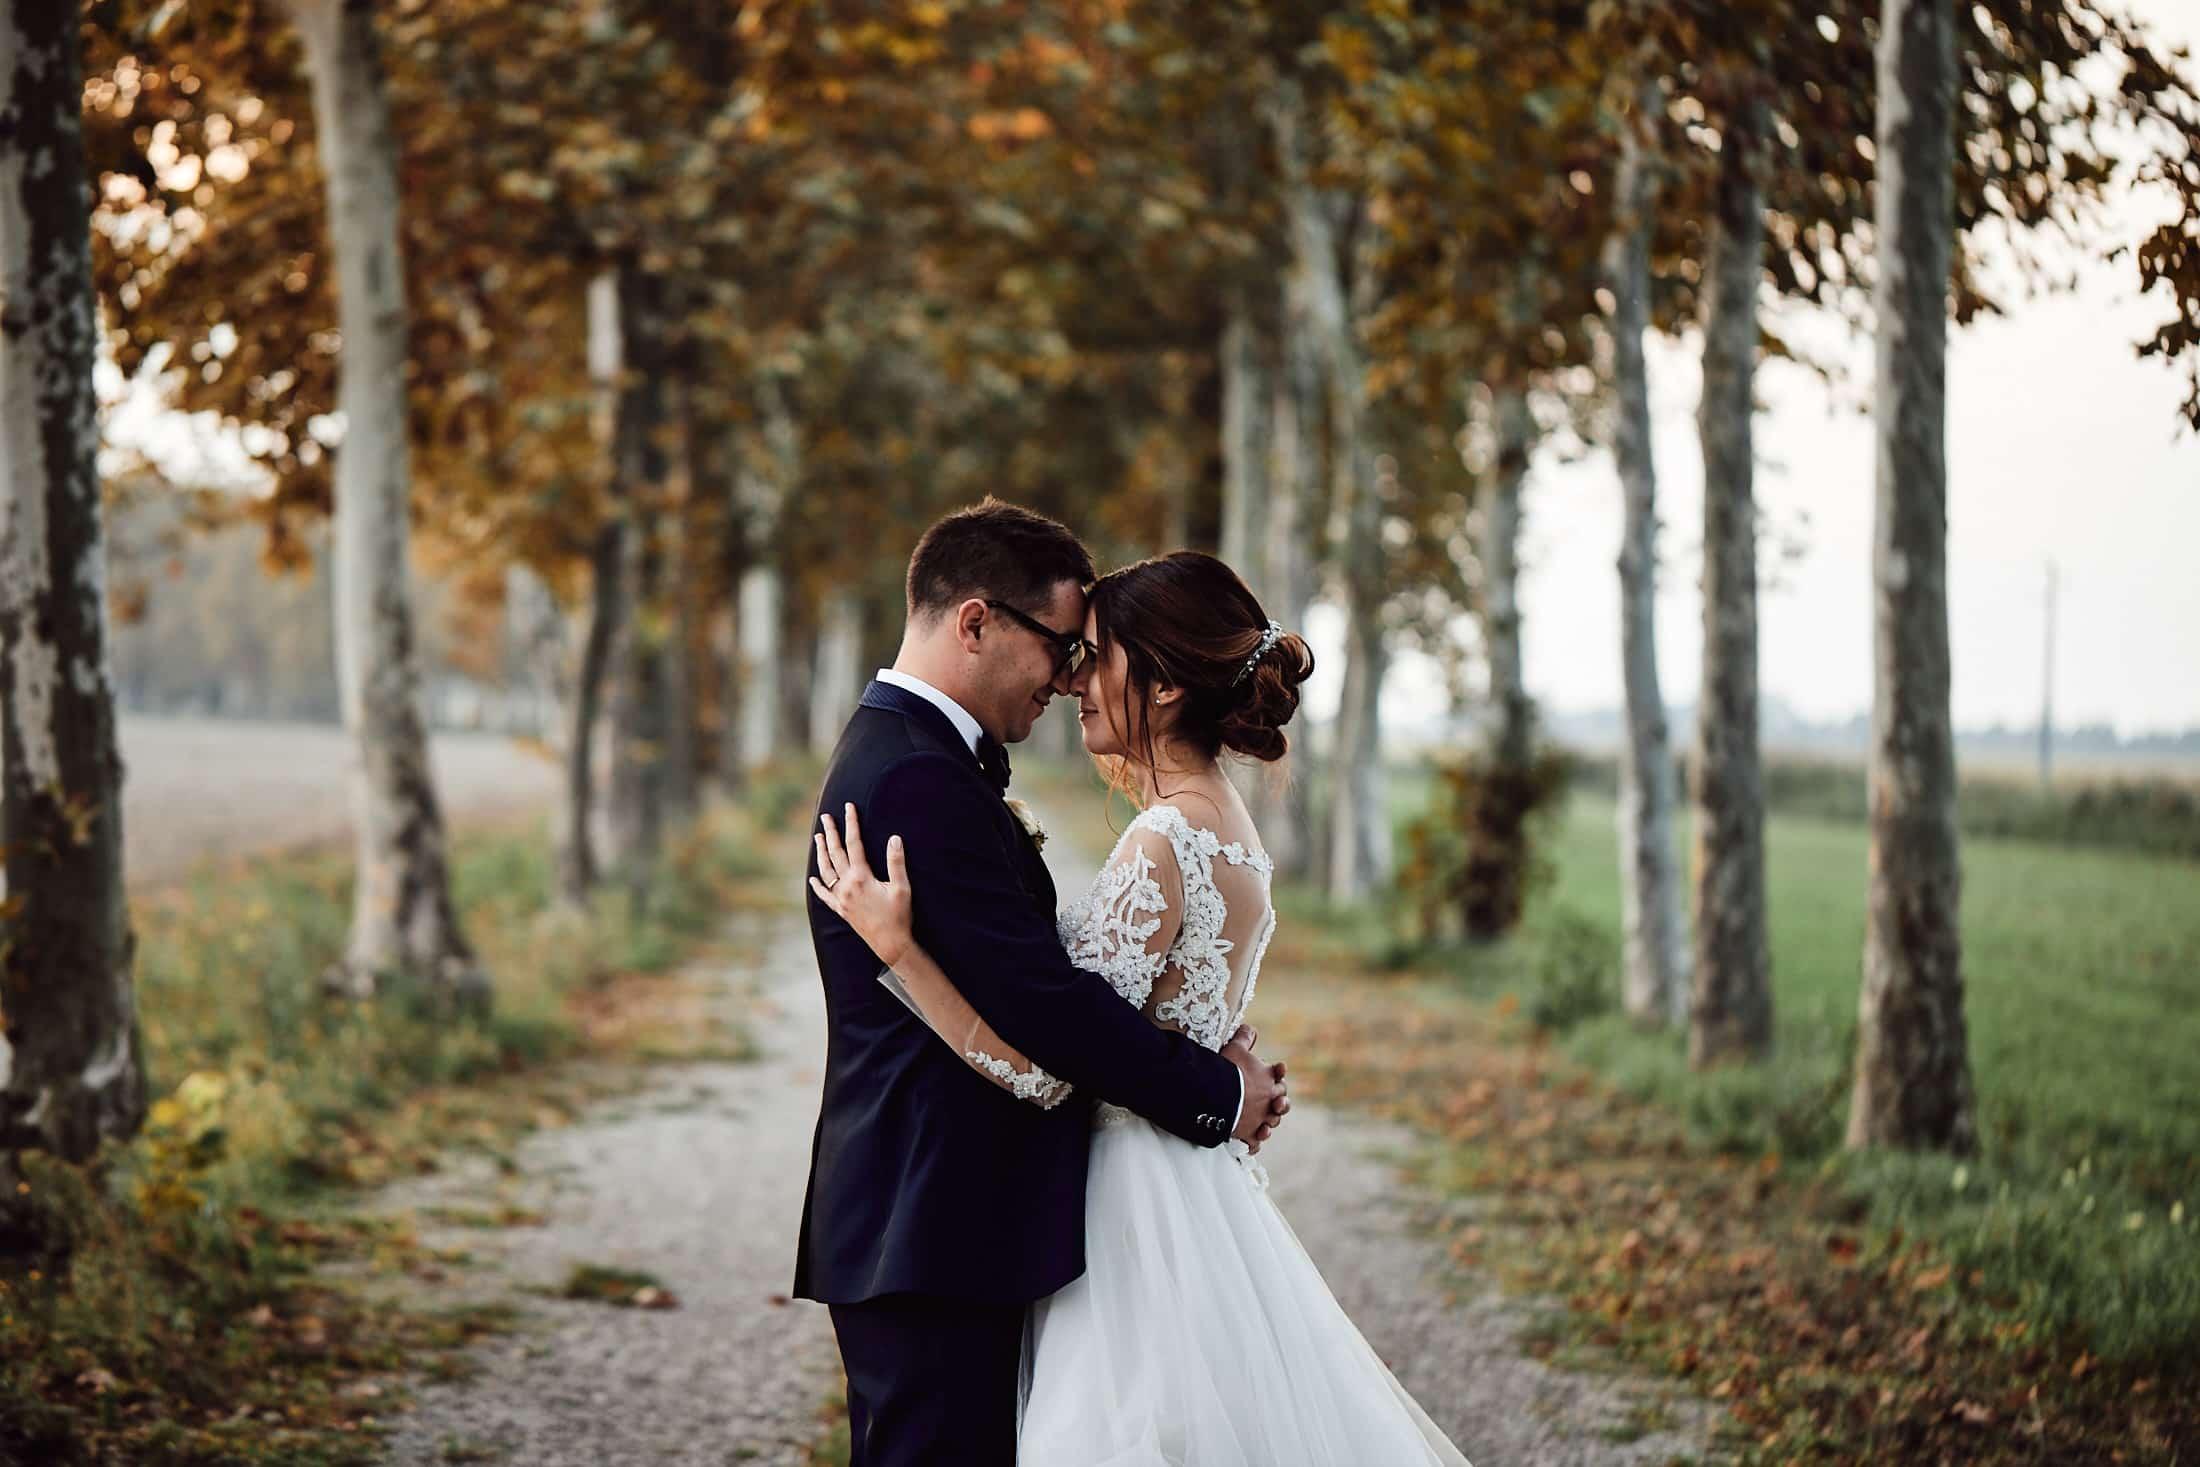 Matrimonio autunnale tra le campagne di Caorle: Sonia e Riccardo